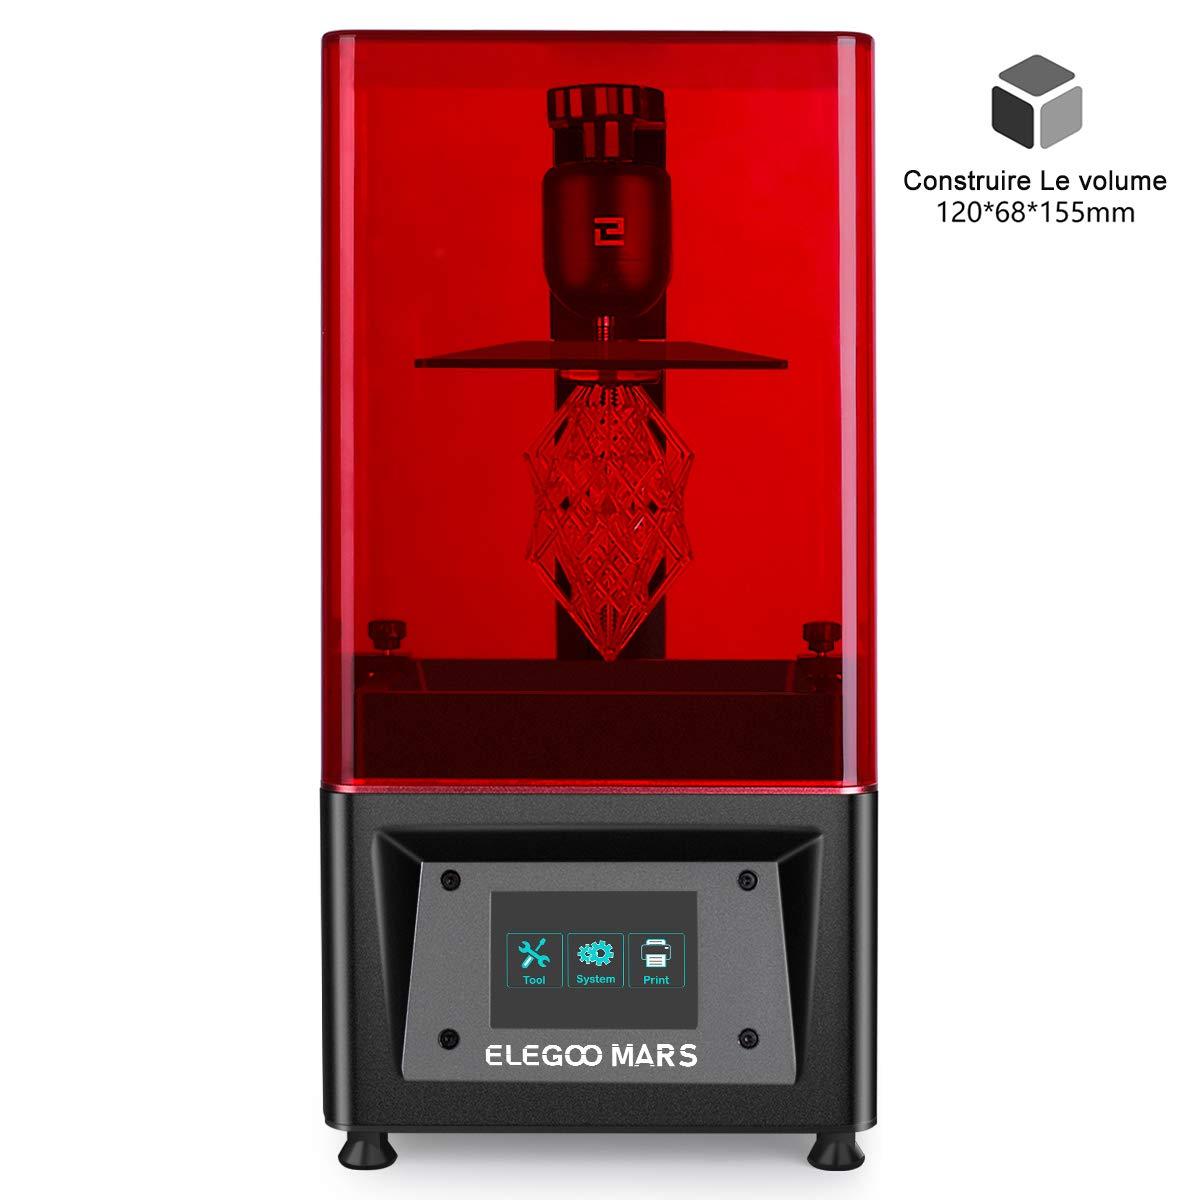 ELEGOO-Imprimante-3D-LCD-UV–Photopolymrisation-Mars-avec-cran-Couleur-Smart-Touch-de-35-Impression-Hors-Ligne-3D-Printer-Taille-dimpression-1198cm-L-x-68cmW-x-155cmH